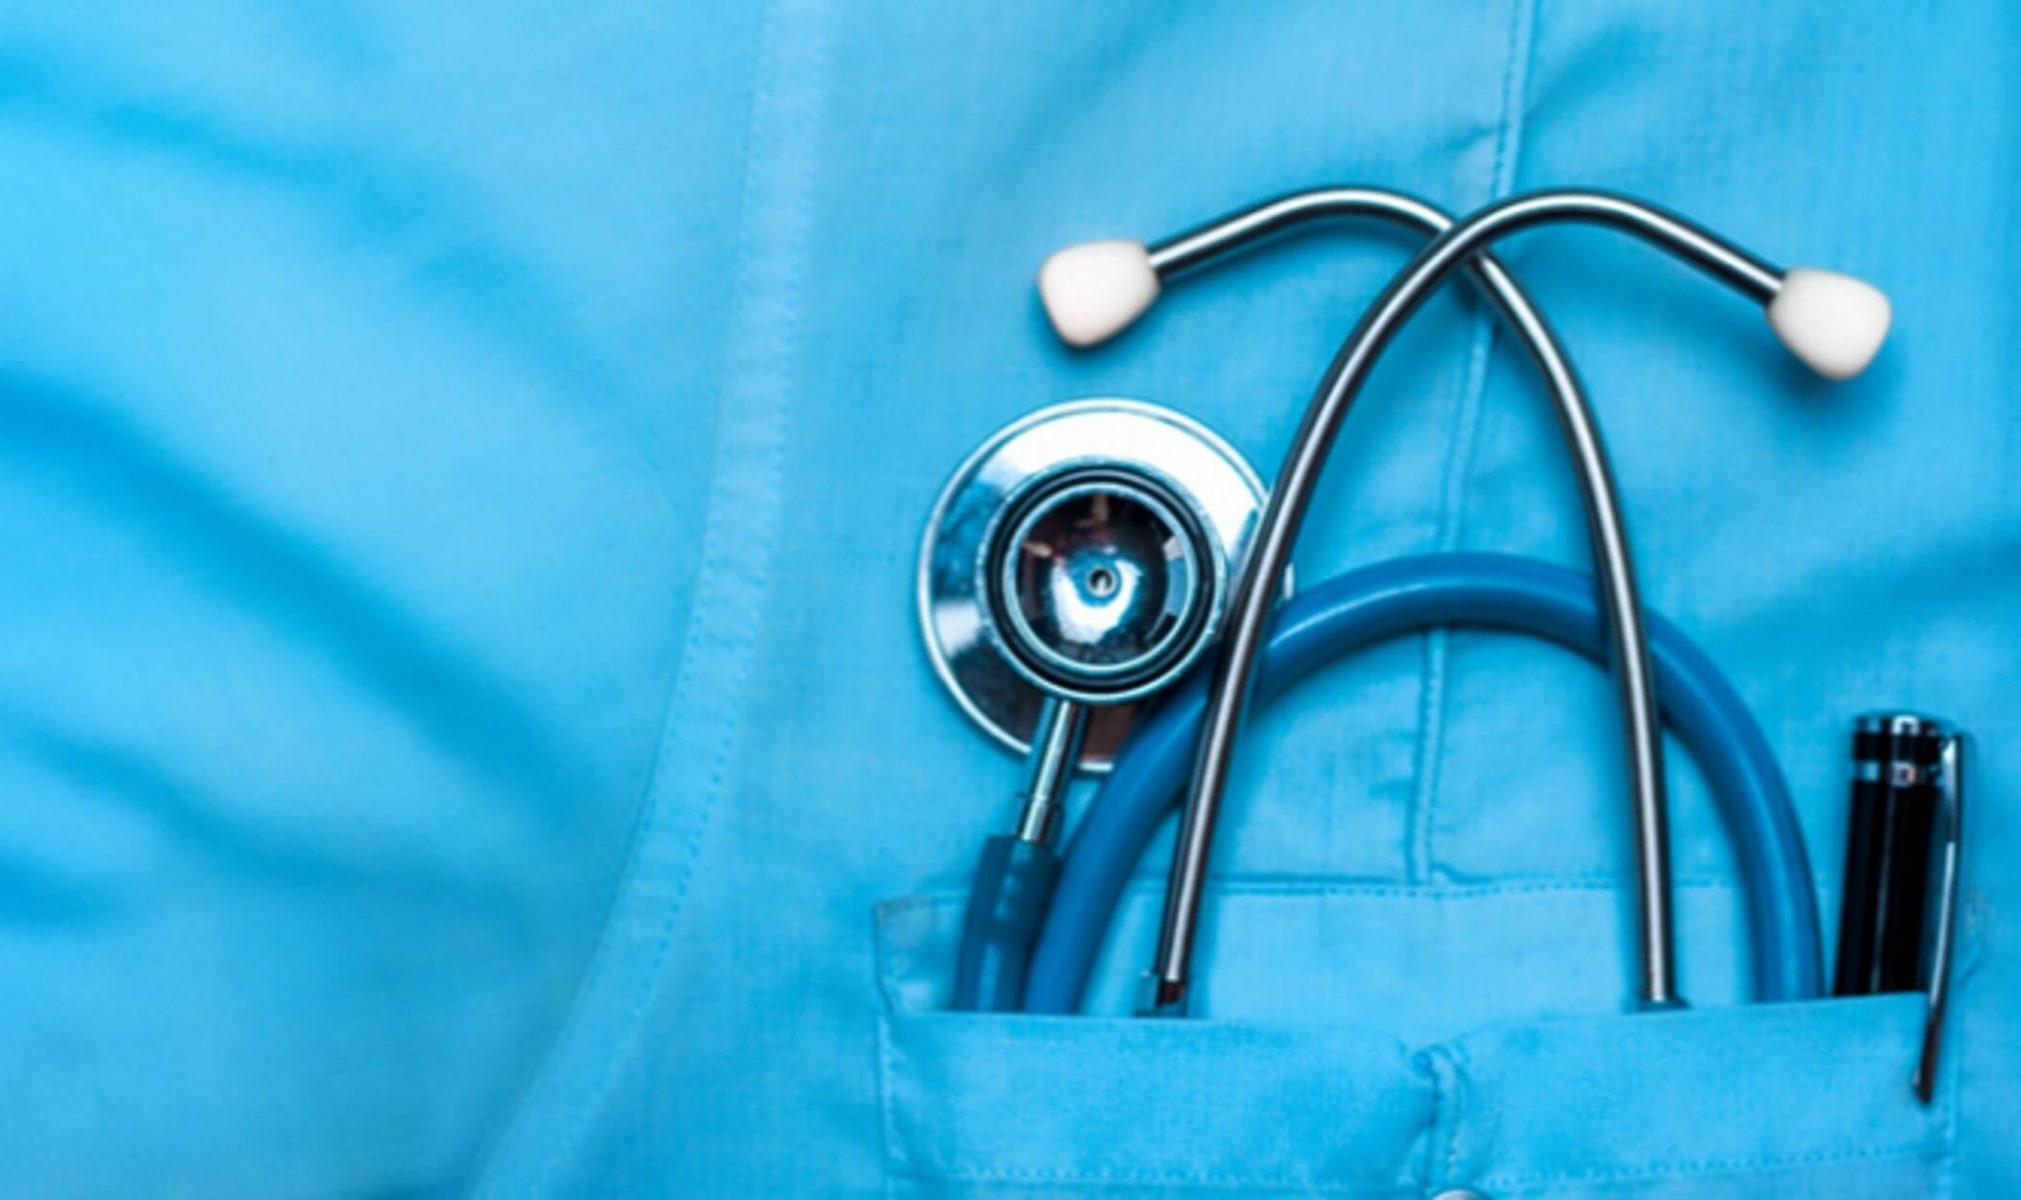 Πανελλήνιος Ιατρικός Σύλλογος:Ευχαριστεί όλο το ιατρικό προσωπικό με ένα spot